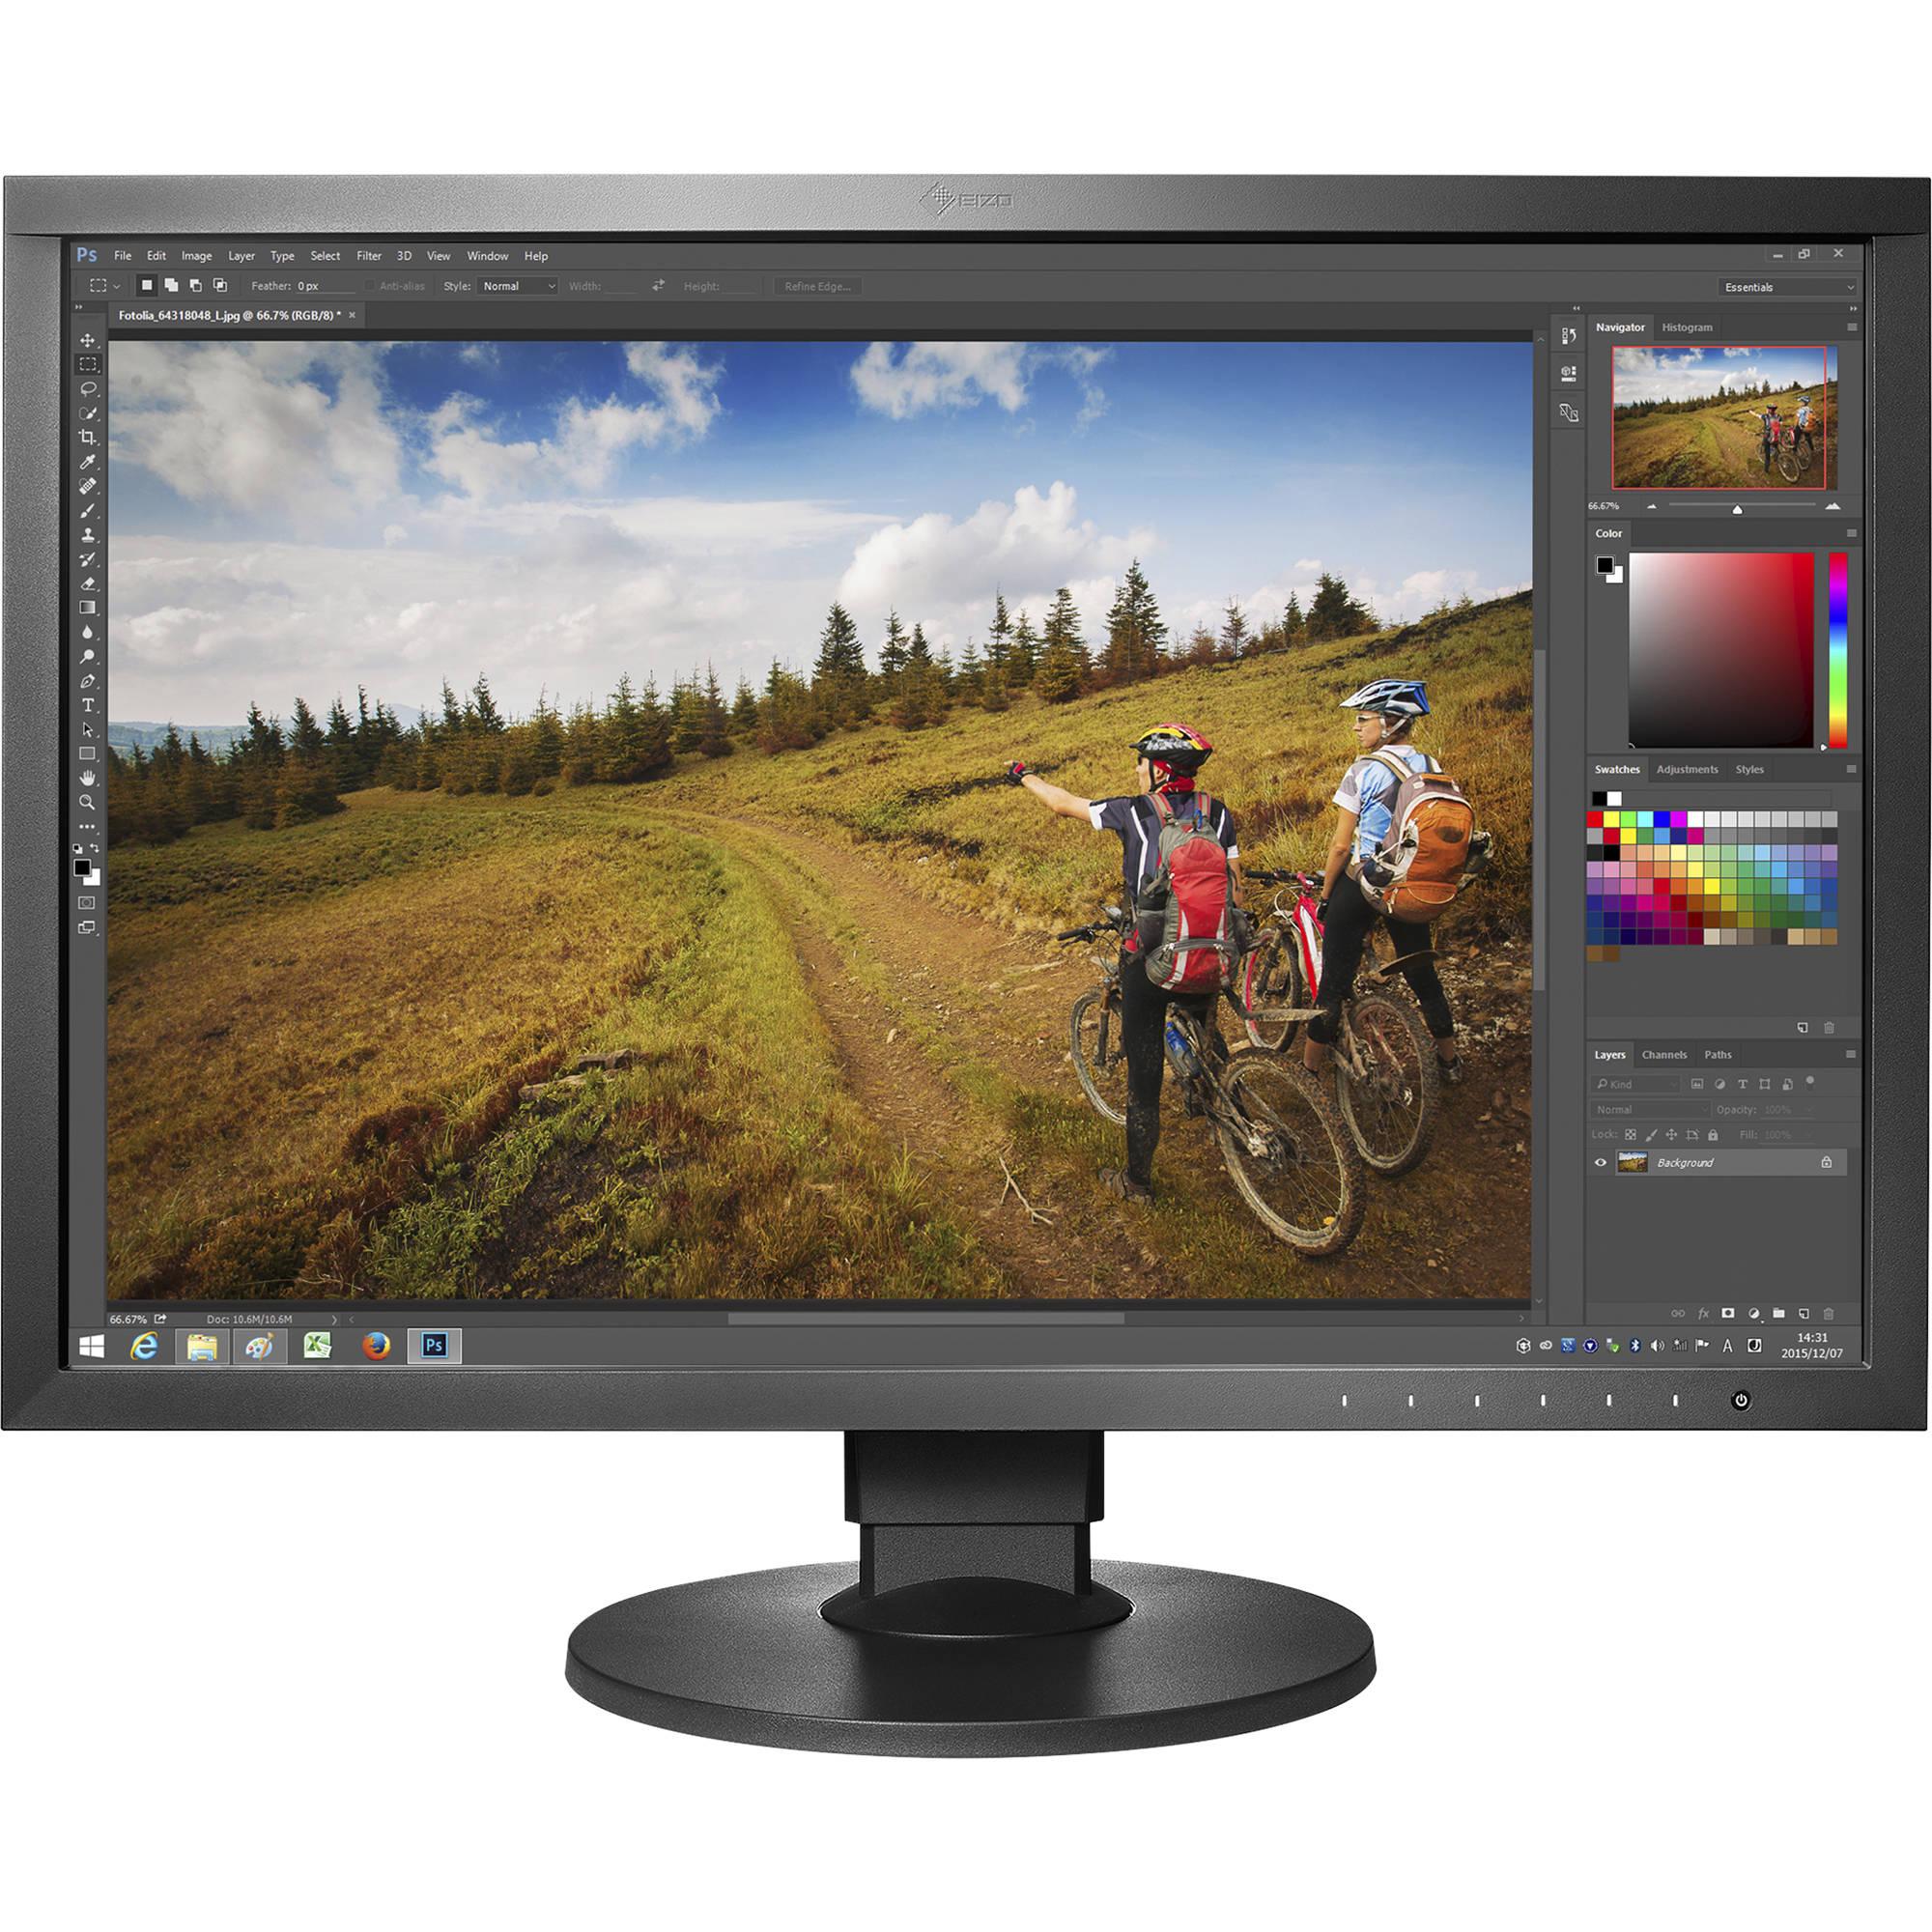 Eizo Coloredge Cs2420 24 1610 Ips Monitor Bk Bh Fuse Condition With Led Indicator